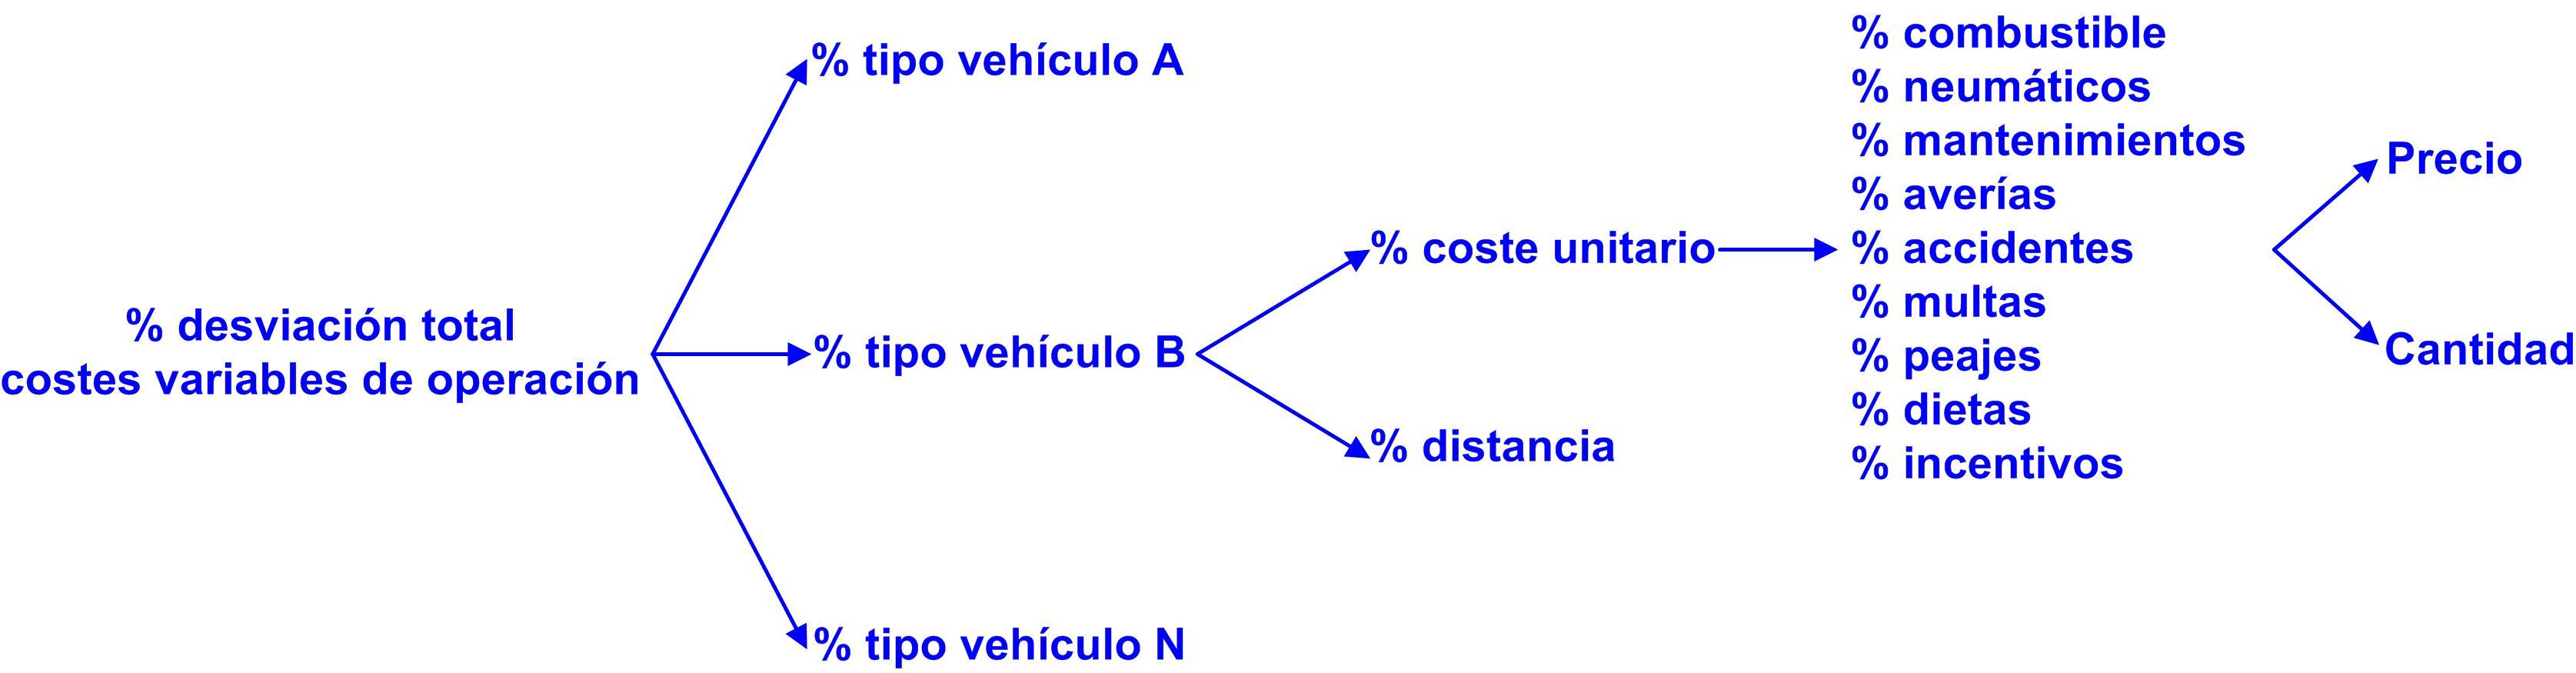 Gráfico 33 estructura de las desviaciones en los costes variables de operación 30112015 desviacion